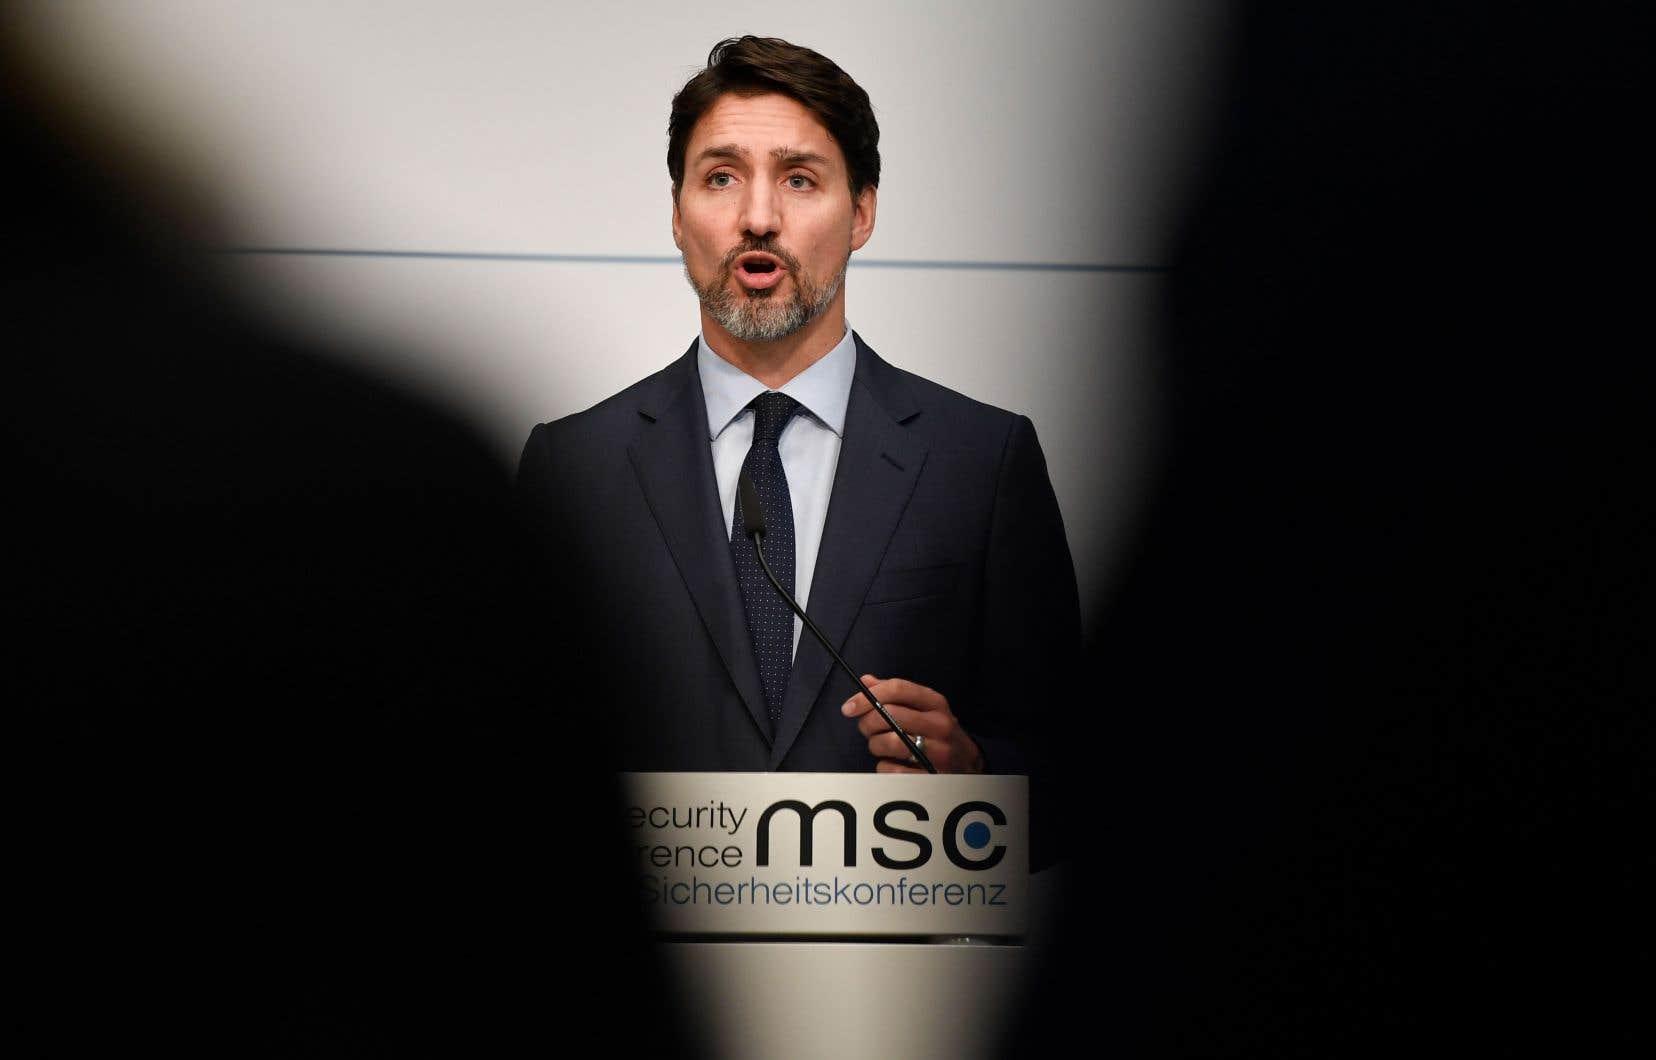 Justin Trudeau a rencontré vendredi une délégation du Congrès américain en marge d'une conférence internationale sur la sécurité et la défense à Munich, en Allemagne.